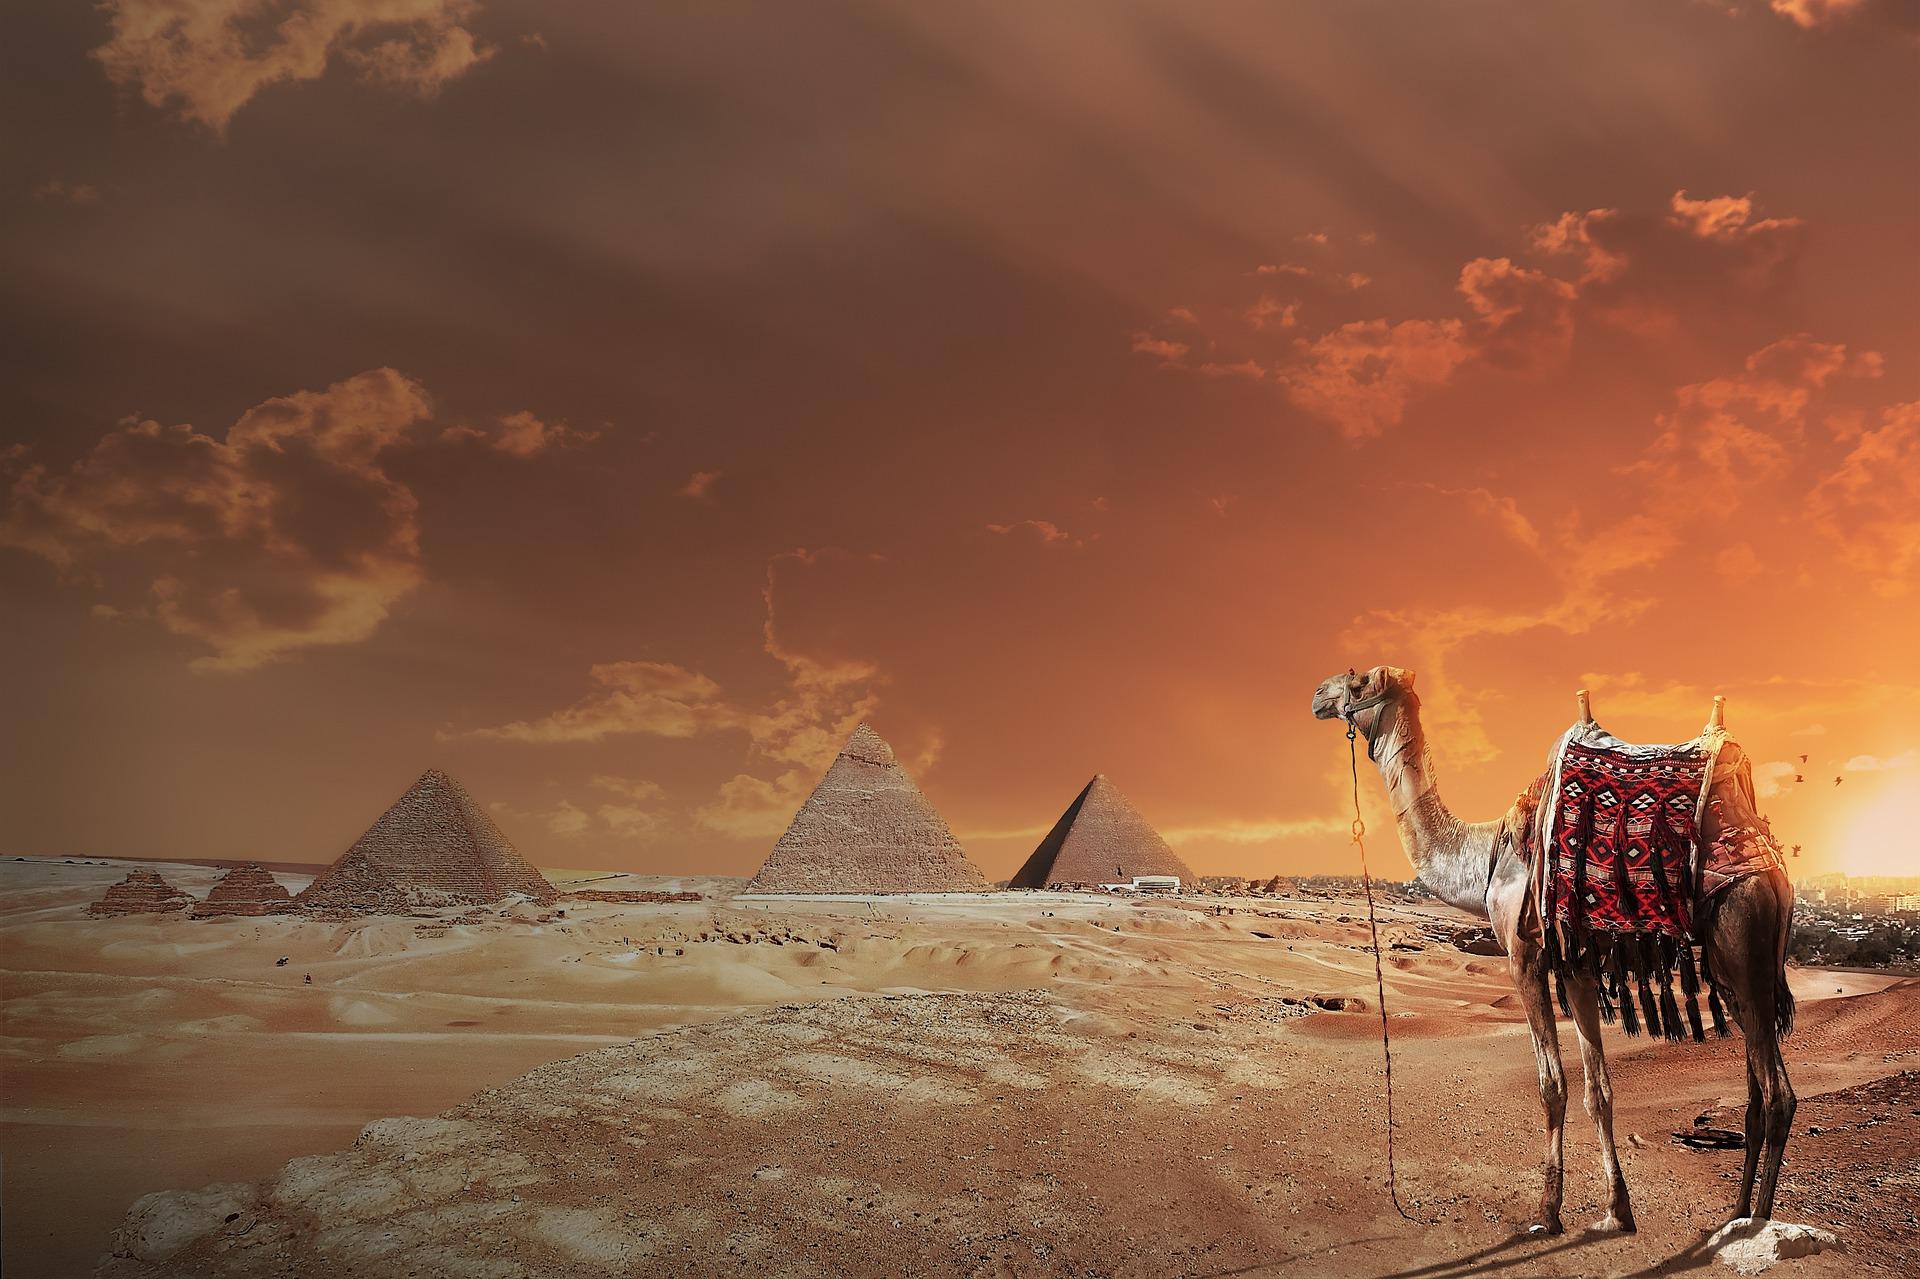 ЕГИПЕТ: МИНИ ПОЧИВКА В ХУРГАДА, КРУИЗ ПО НИЛ, ЕКСКУРЗИЯ В КАЙРО (ЕСЕН 2021)